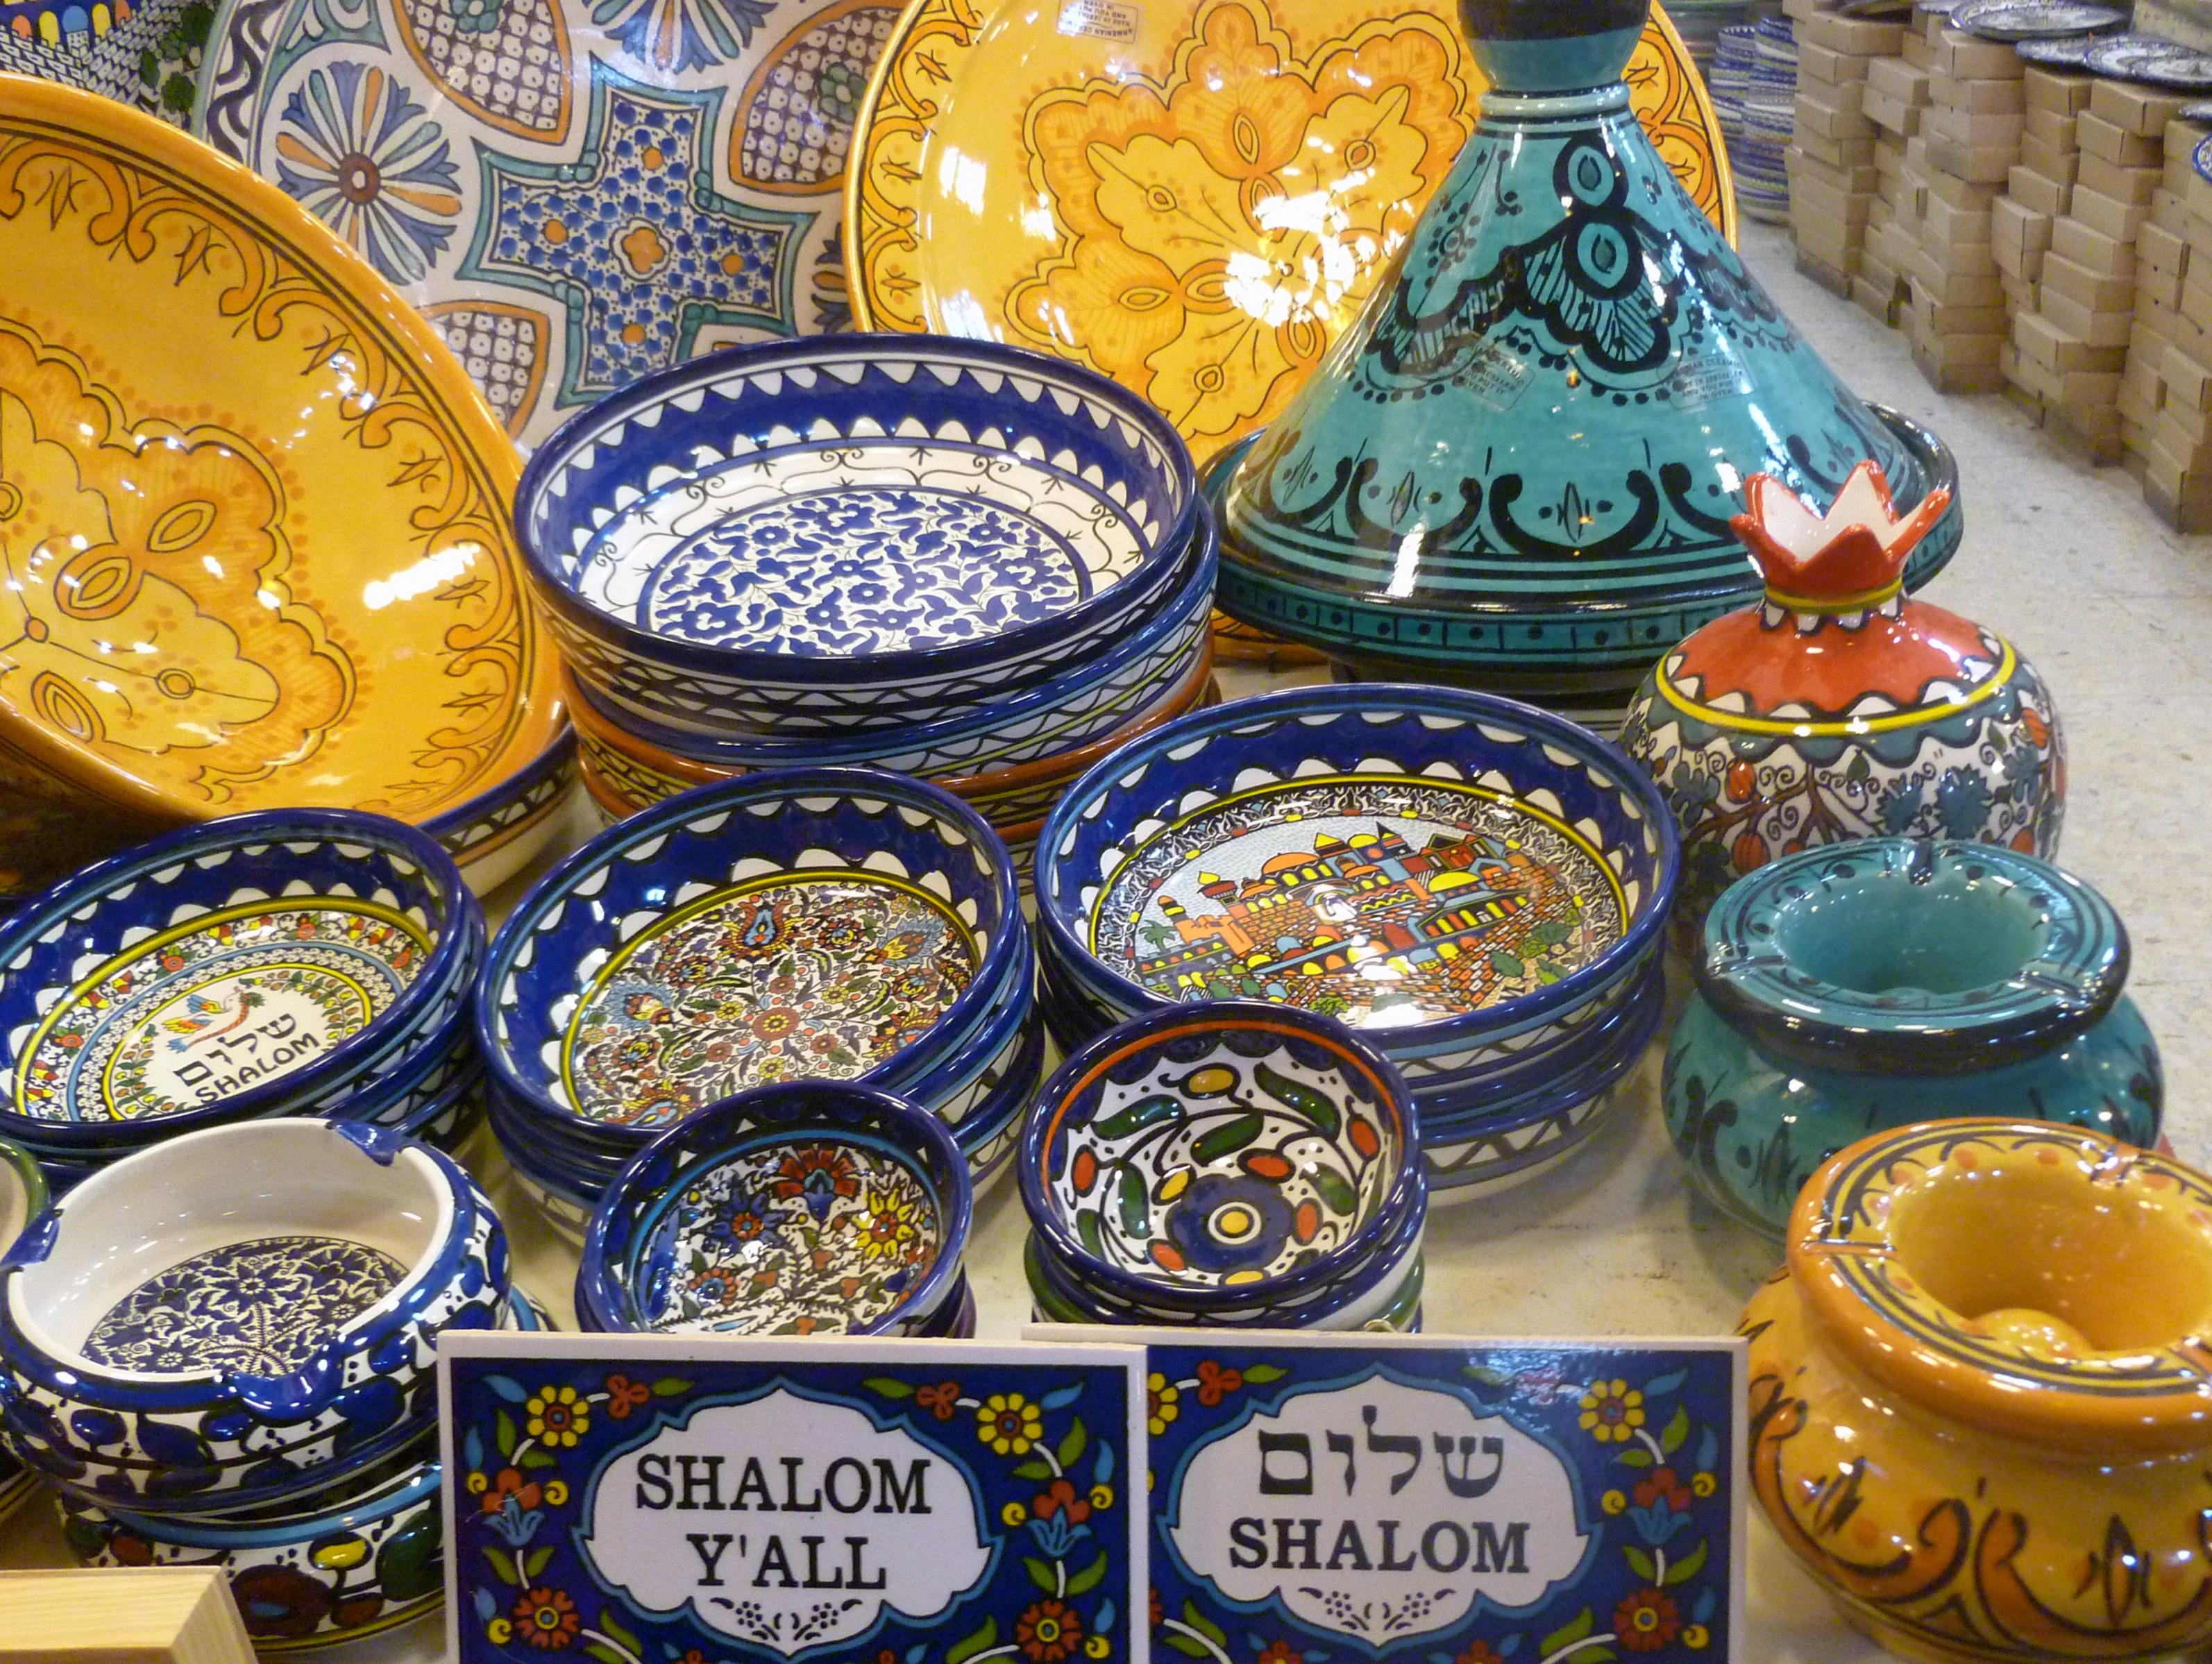 ביקור בשוק המוסלמי, ירושלים